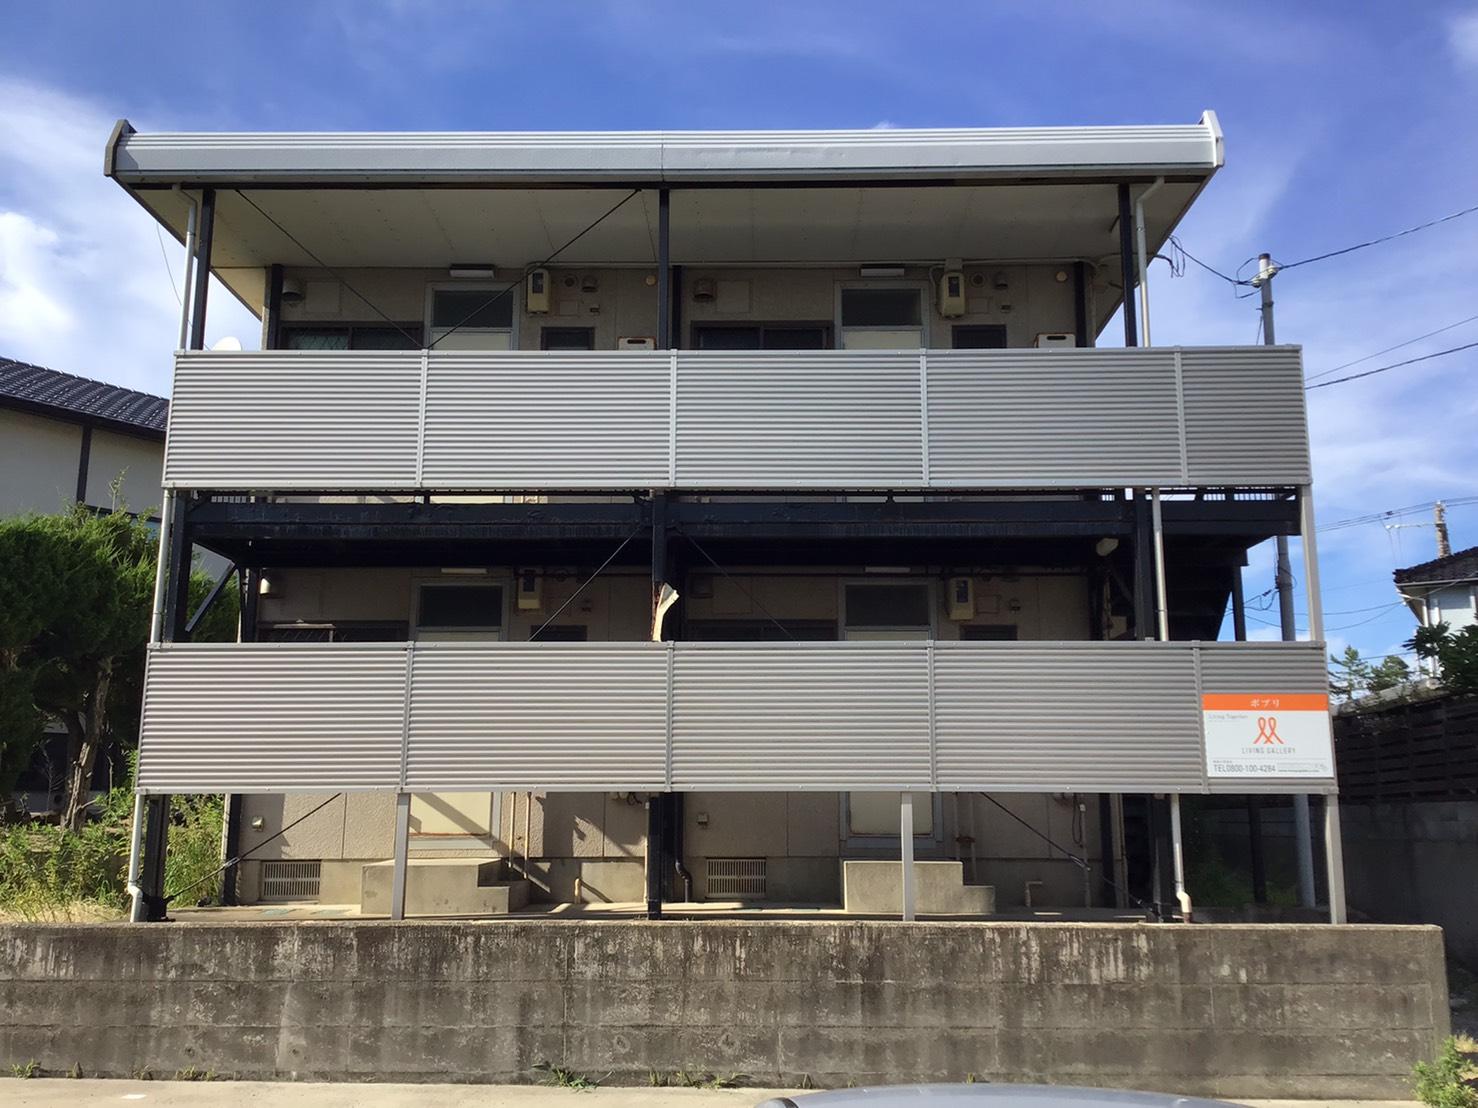 新潟市西区五十嵐二の町の中古アパートの写真